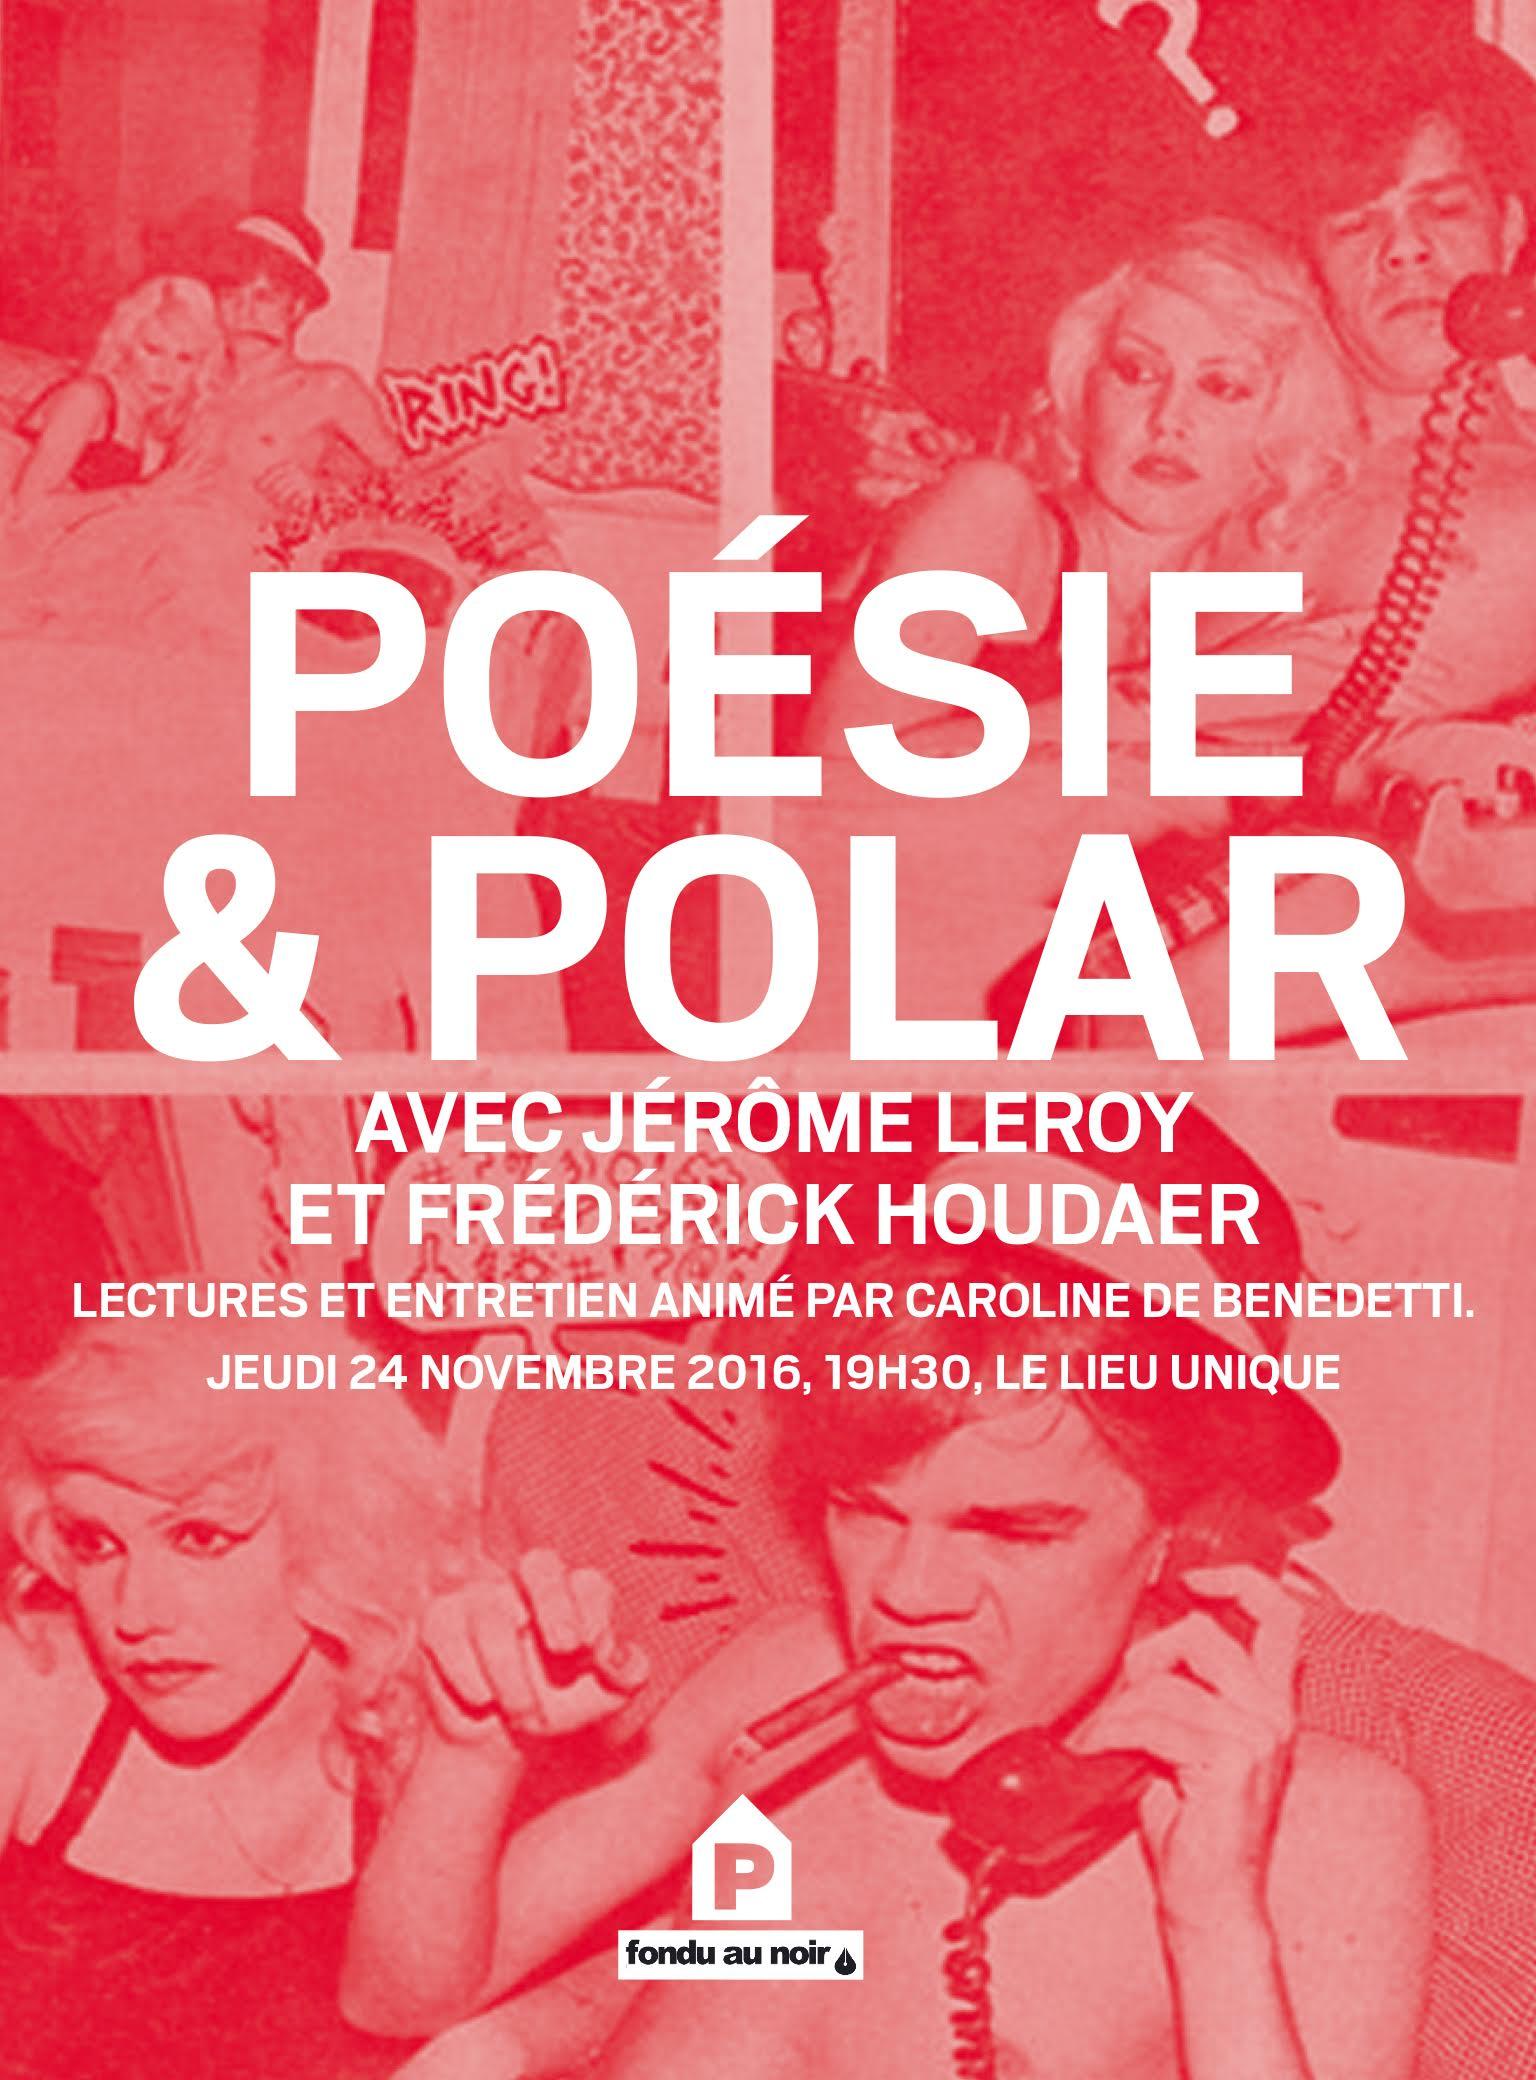 Poésie et polar avec Frédérick Houdaer et Jérôme Leroy